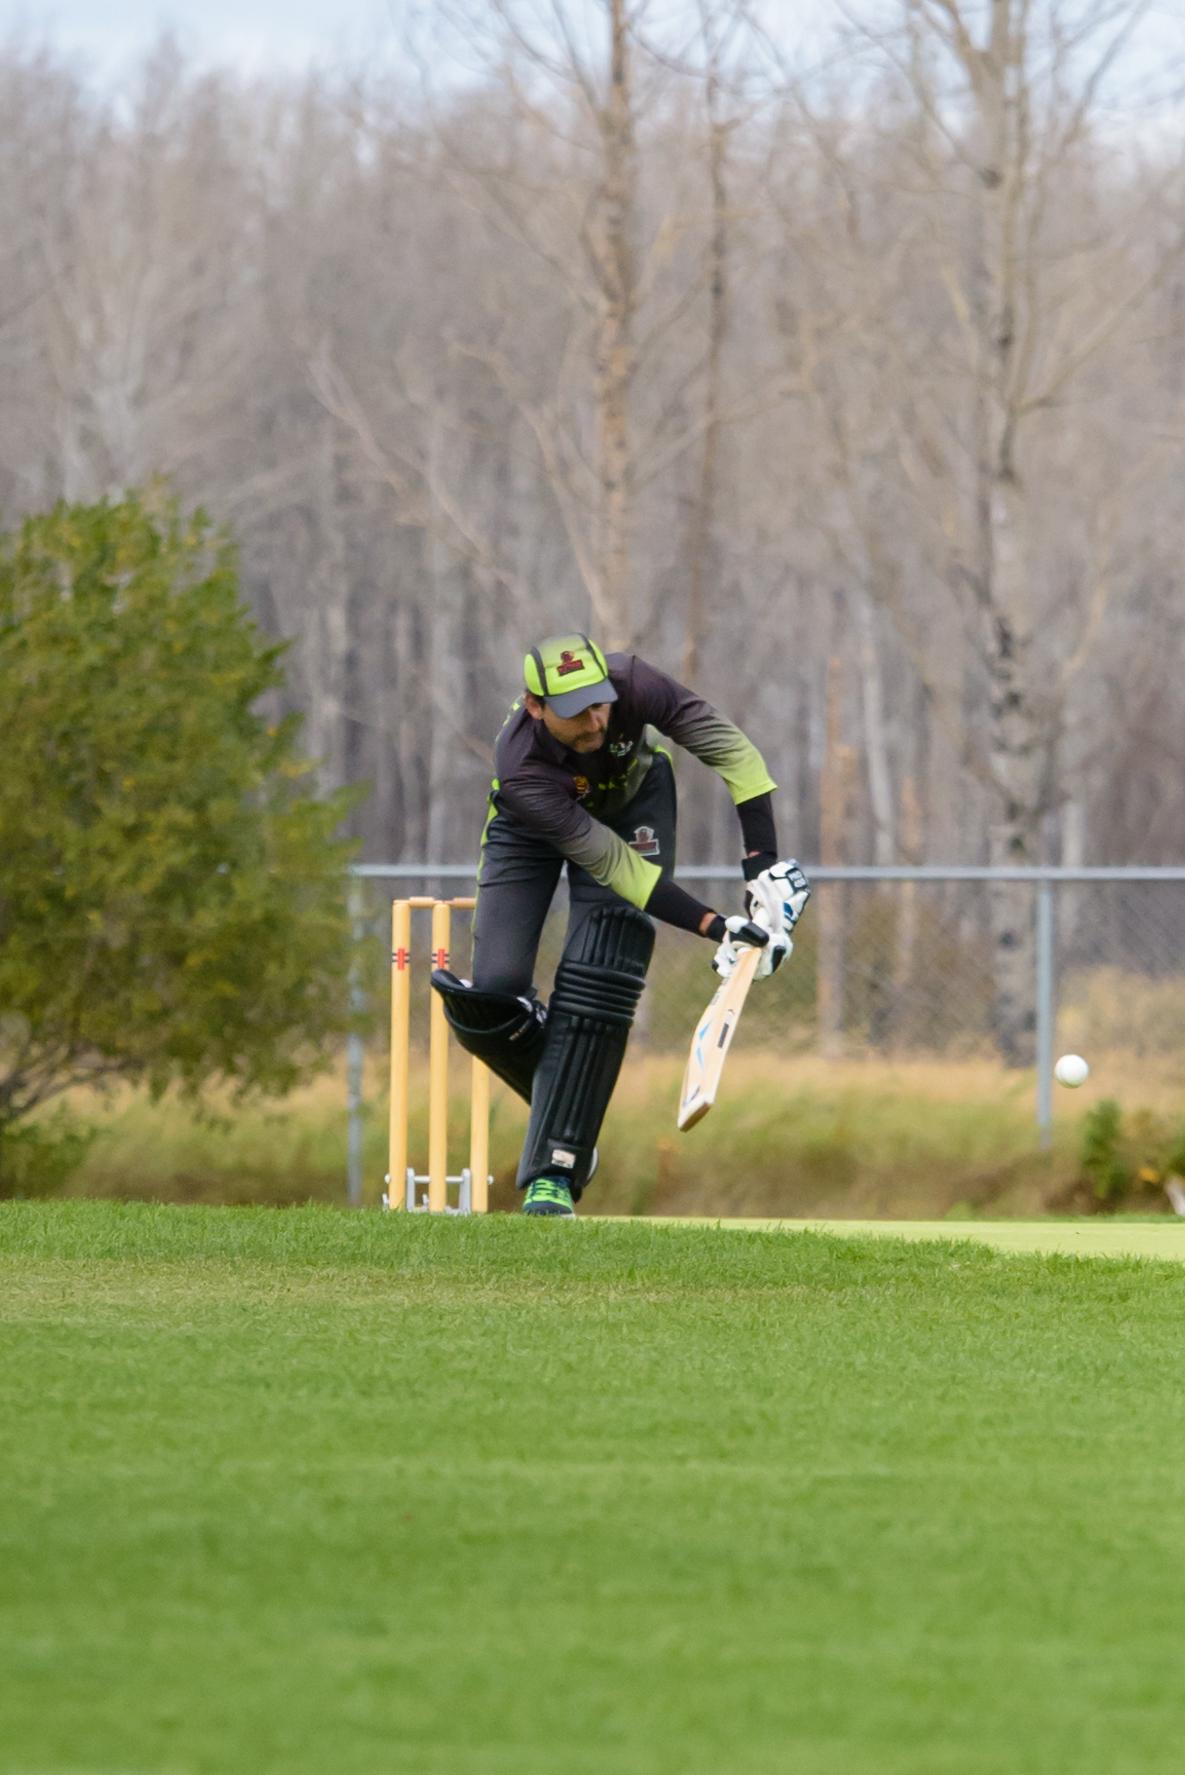 Cricket-0914.jpg